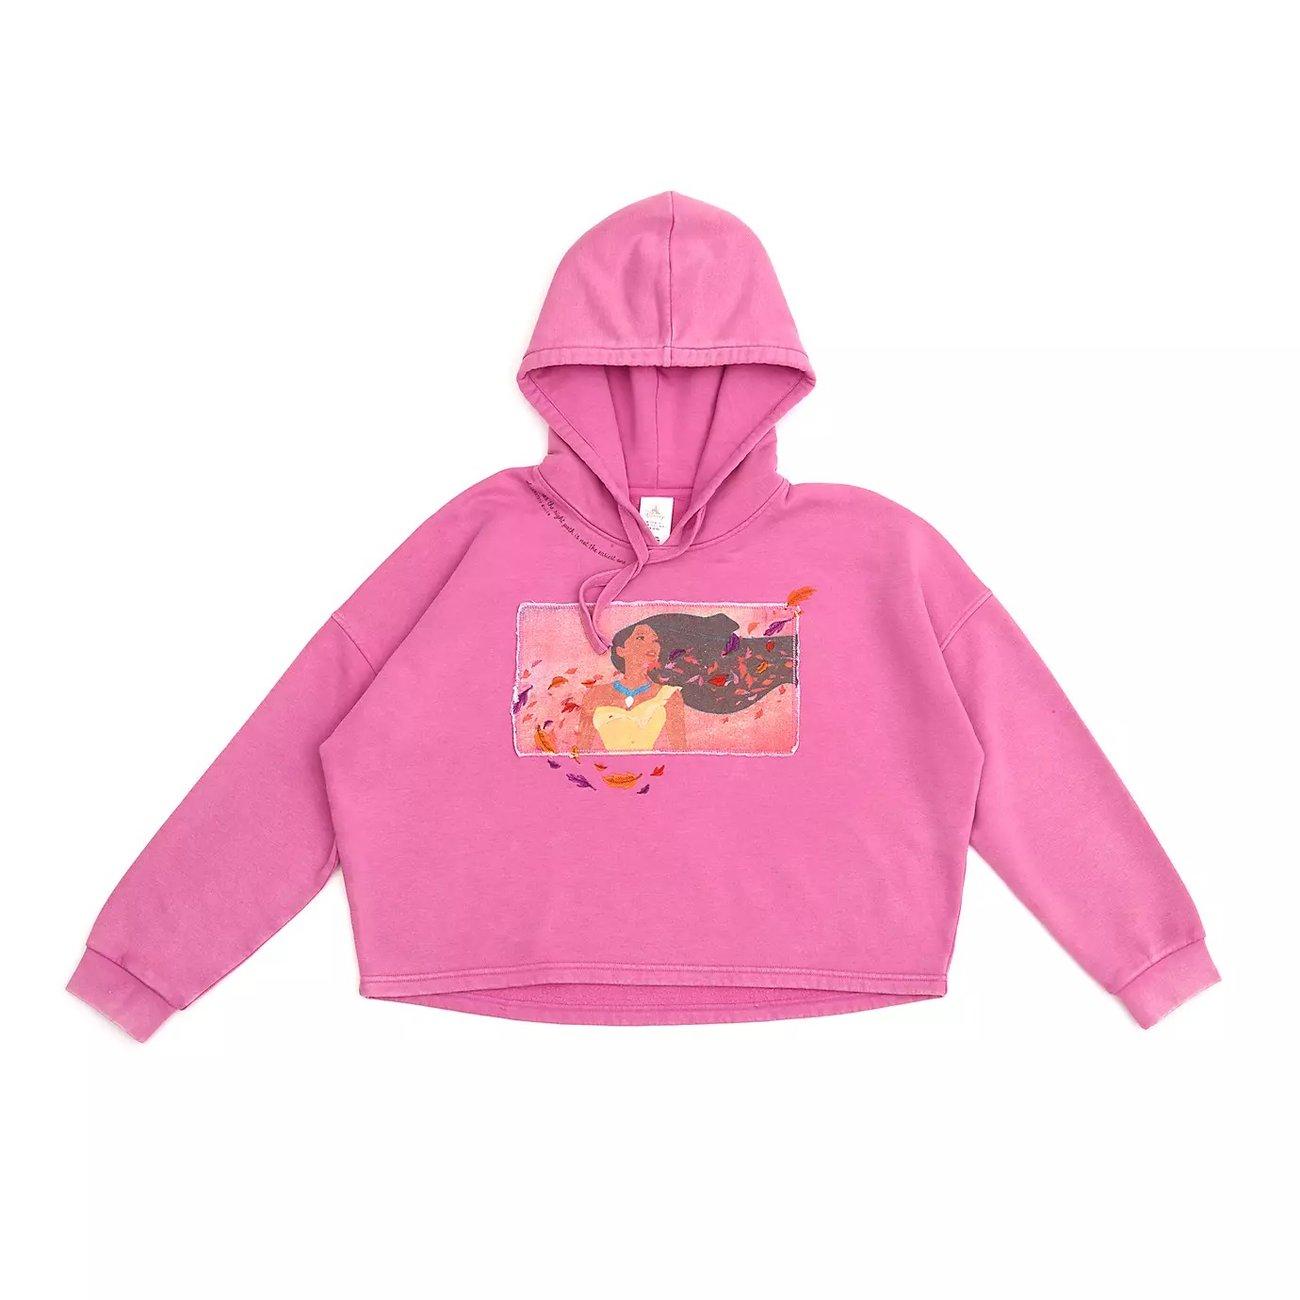 Pocahontas Kapuzensweatshirt für Erwachsene